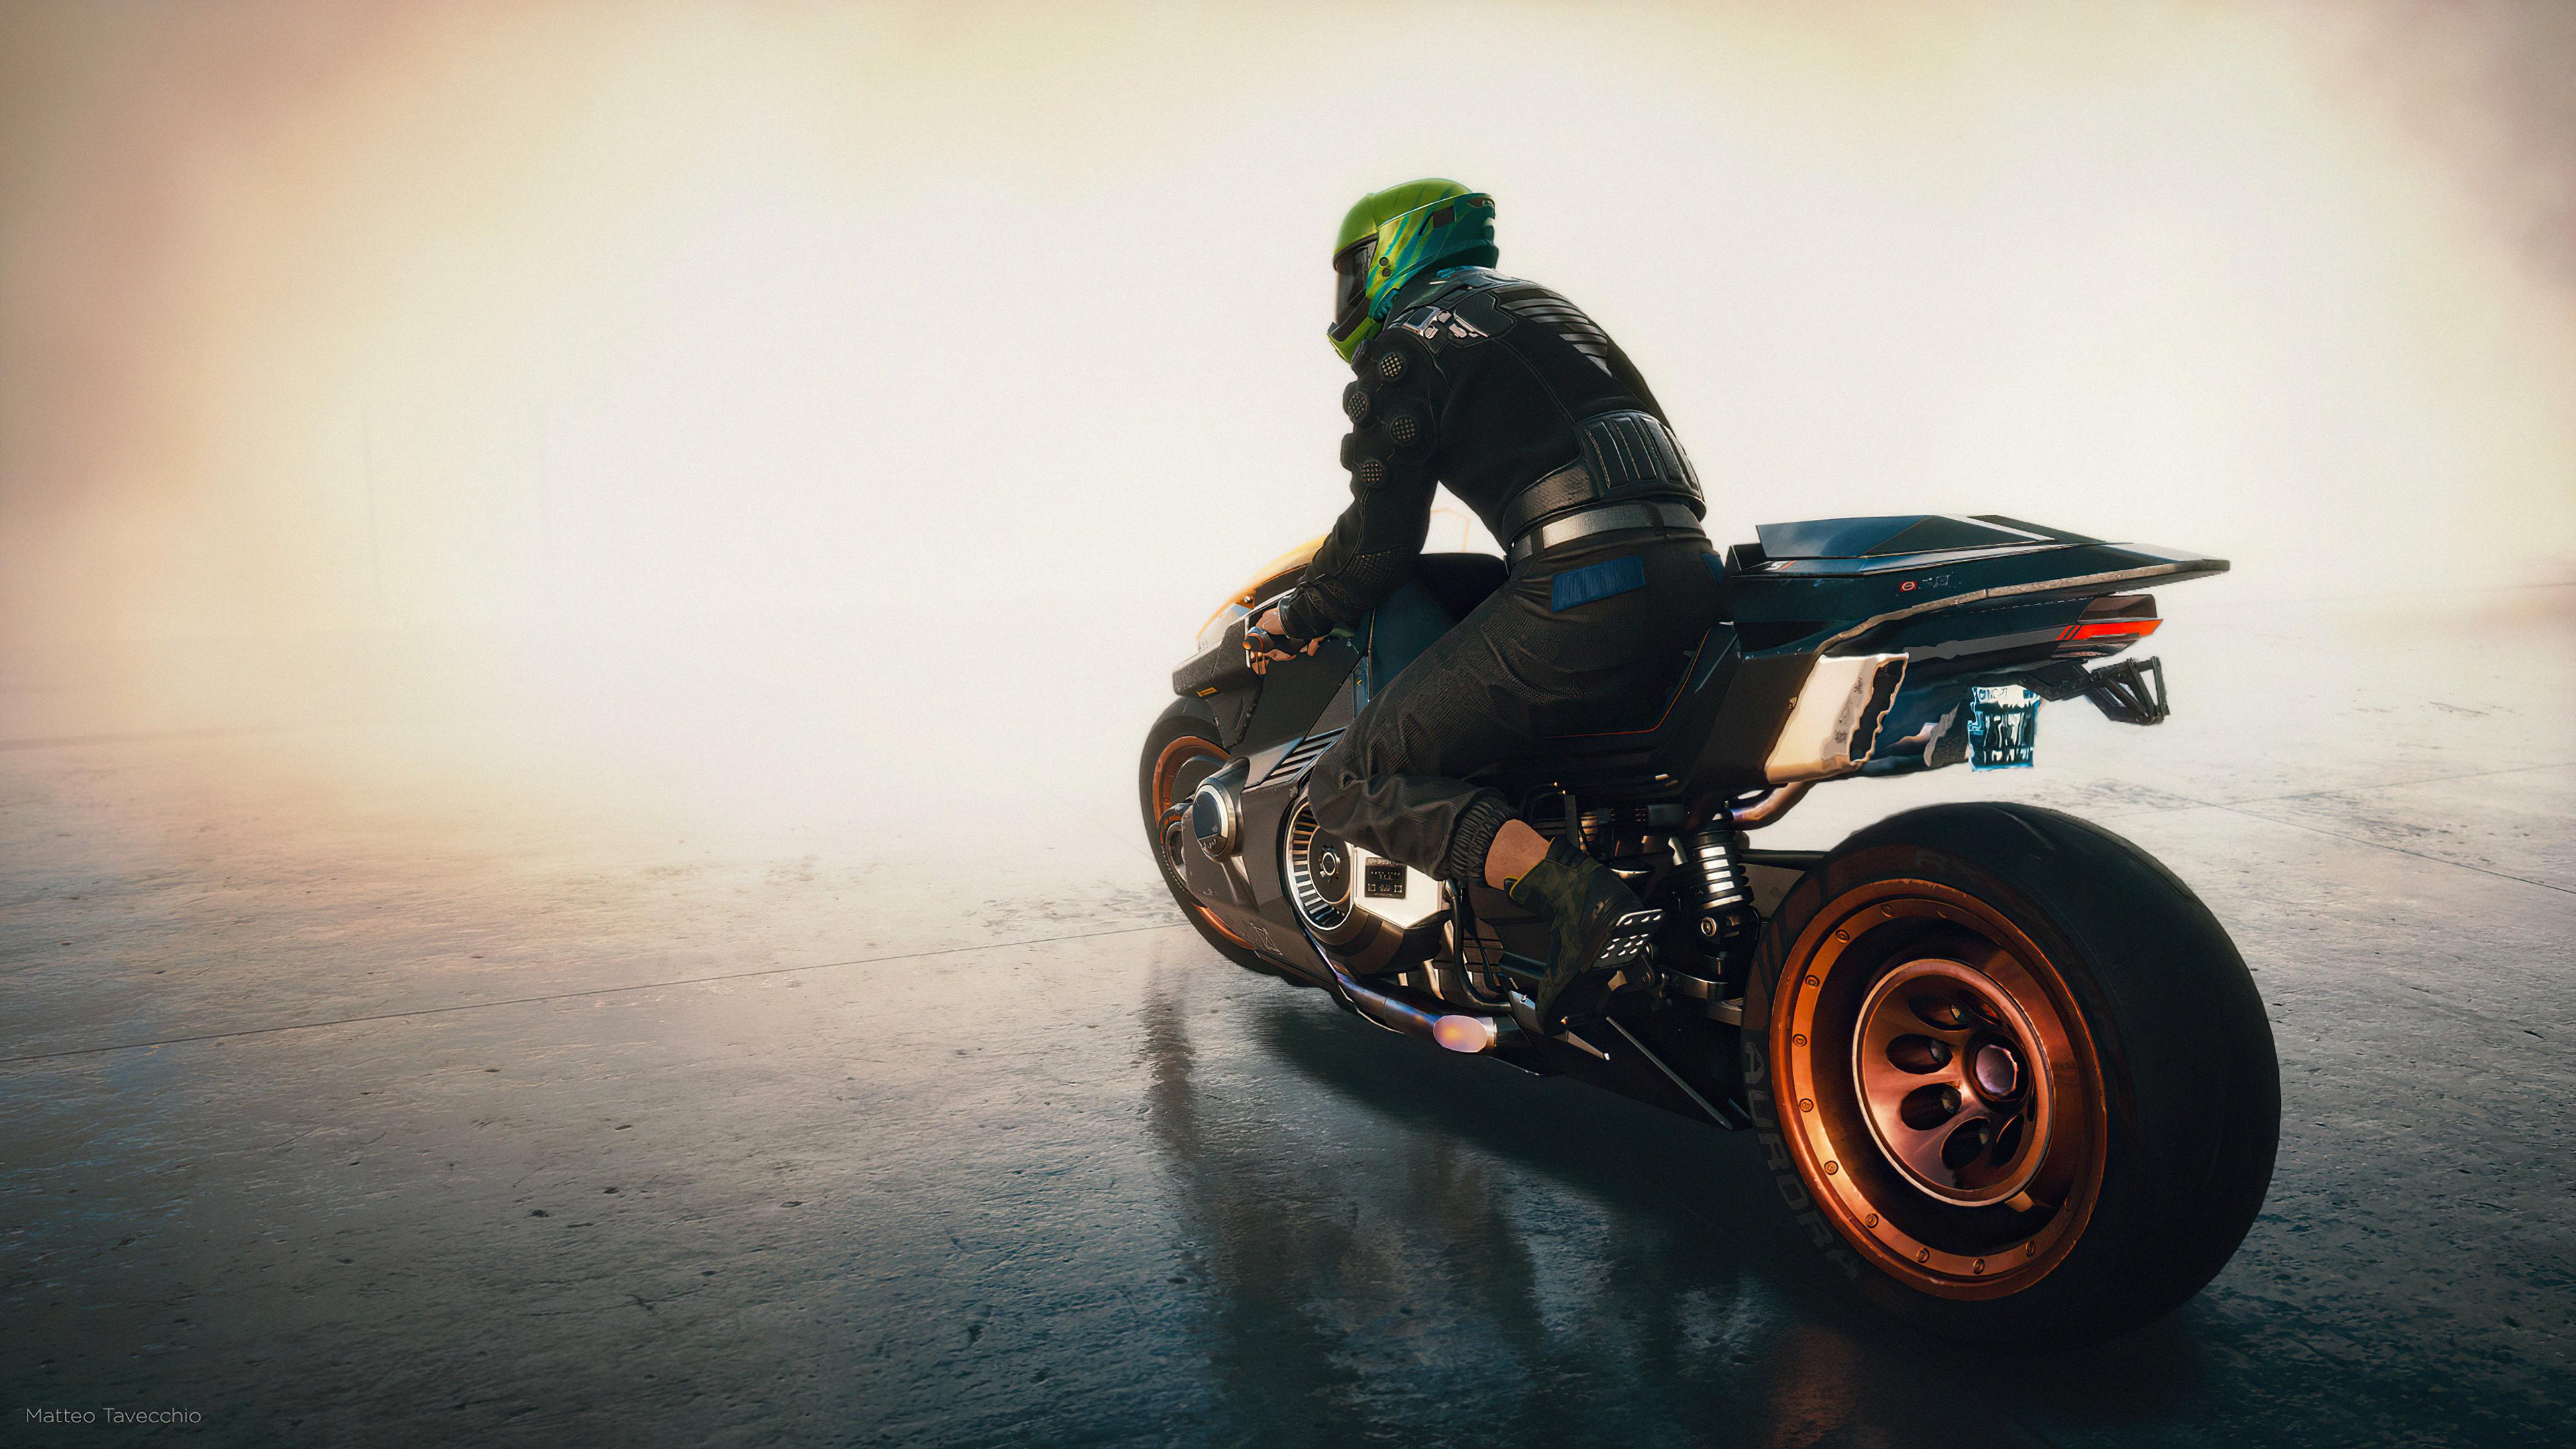 biker iridescent cyberpunk 2077 4k 1615133788 - Biker Iridescent Cyberpunk 2077 4k - Biker Iridescent Cyberpunk 2077 4k wallpapers